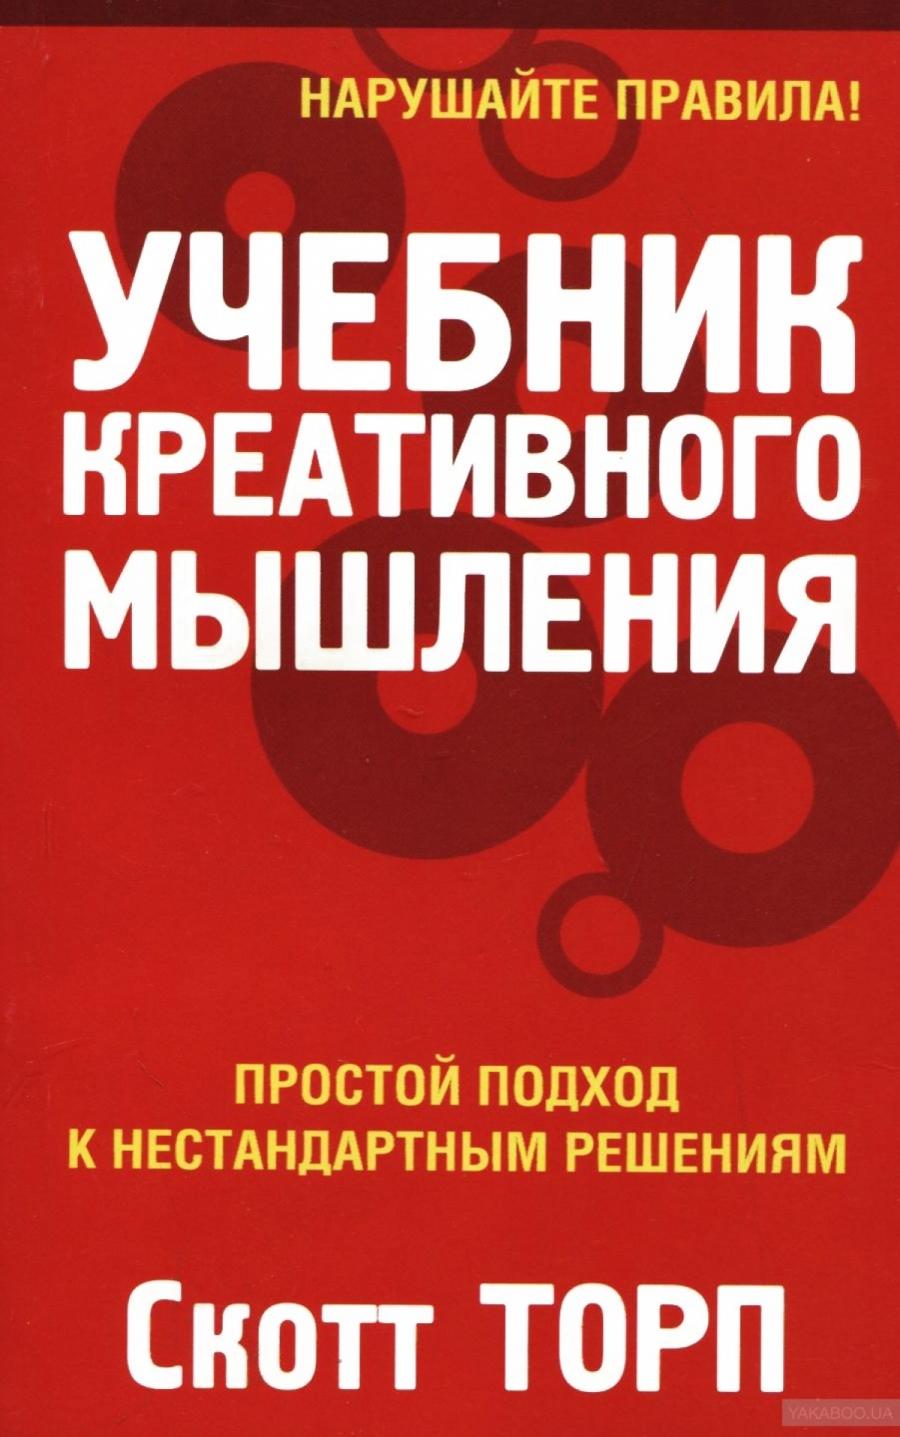 Обложка книги:  торп с. - учебник креативного мышления. простой подход к нестандартным решениям